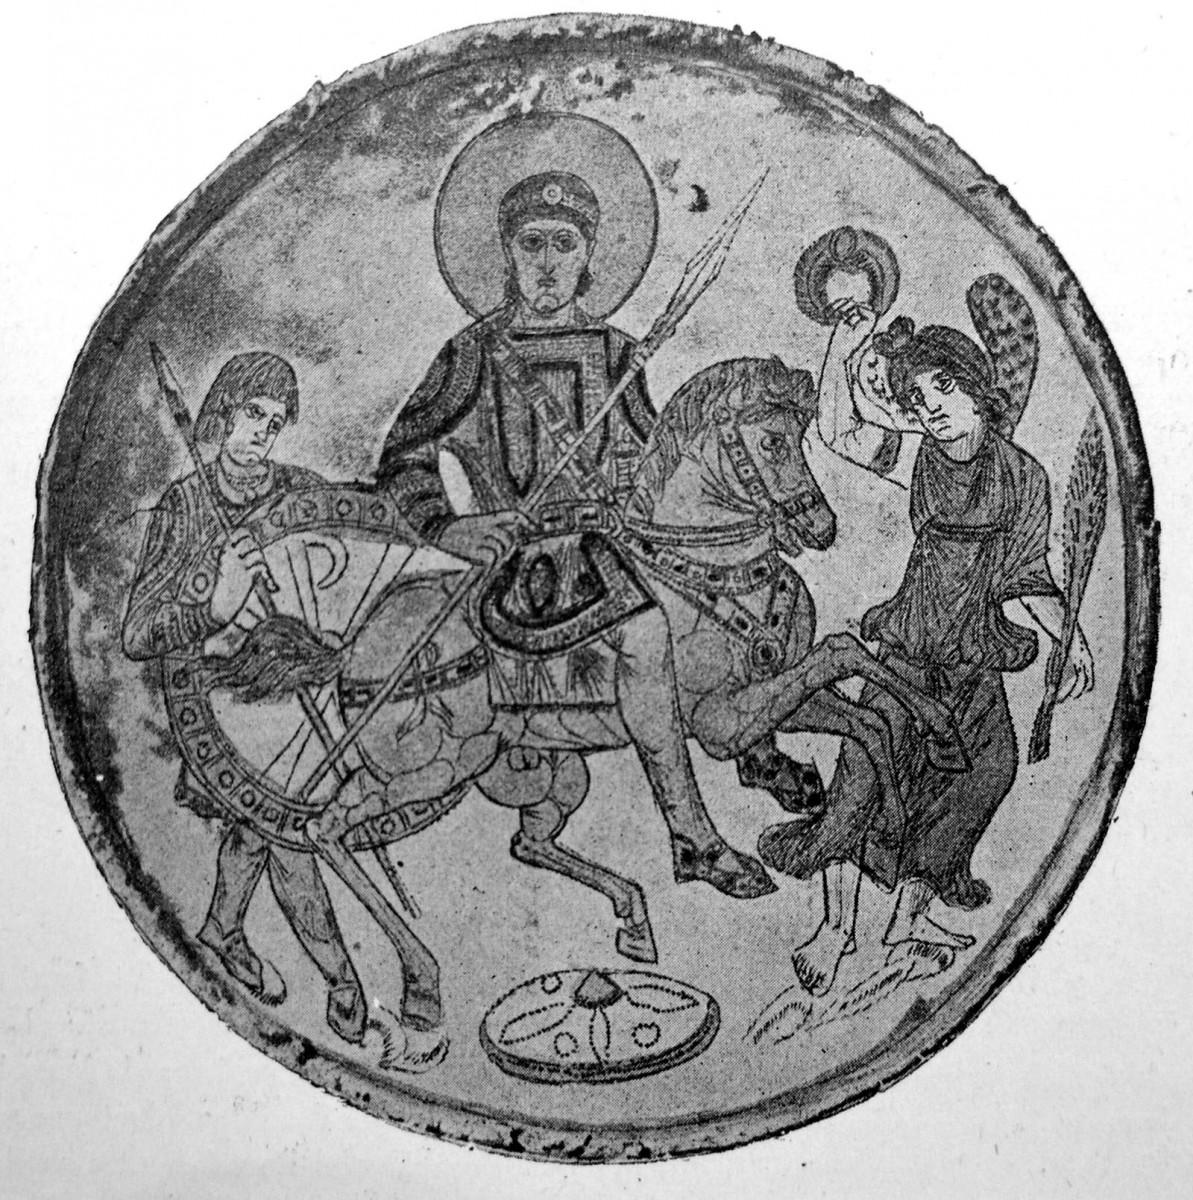 Εικ. 5. Αργυρός δίσκος με τον γιο του Κωνσταντίνου, Κωνστάντιο Β', έφιππο με στρατιωτική περιβολή, συνοδευόμενο από φρουρό με ασπίδα που φέρει το χριστόγραμμα.